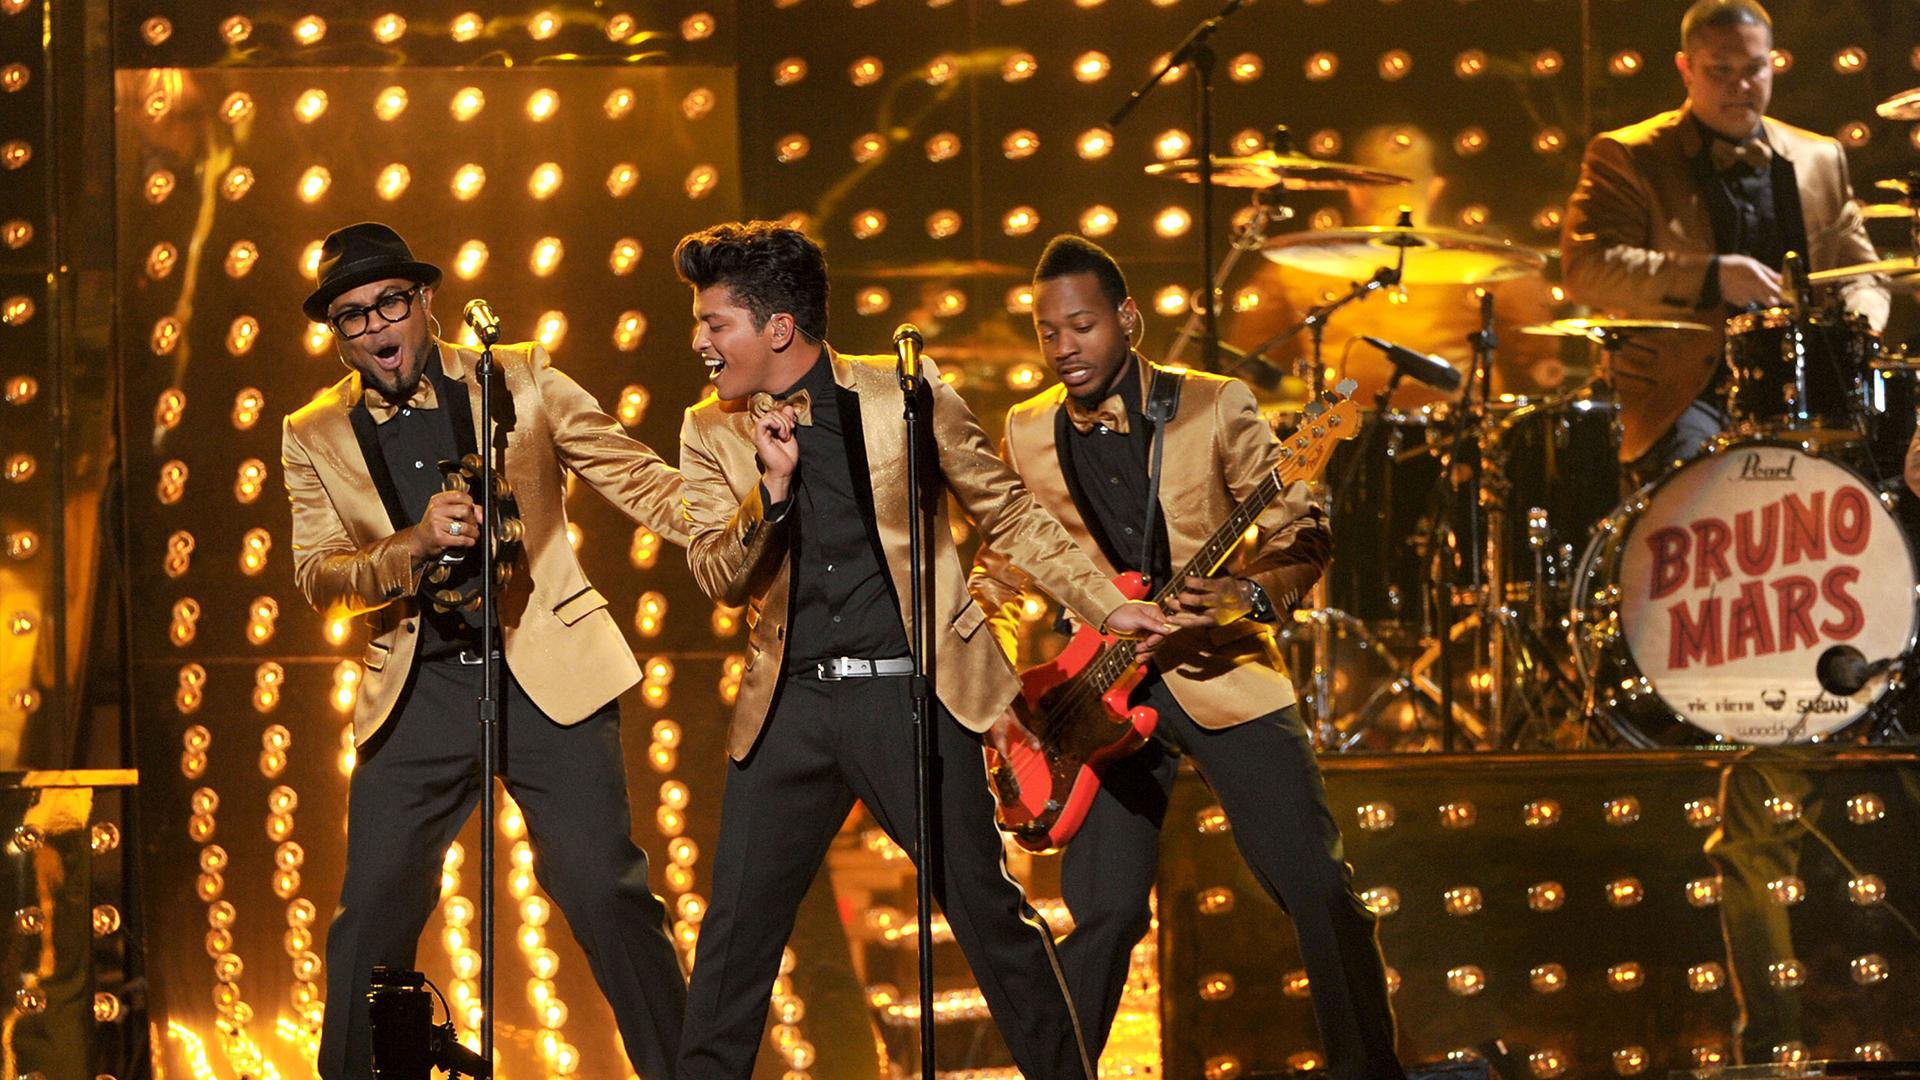 Bruno Mars Live 2